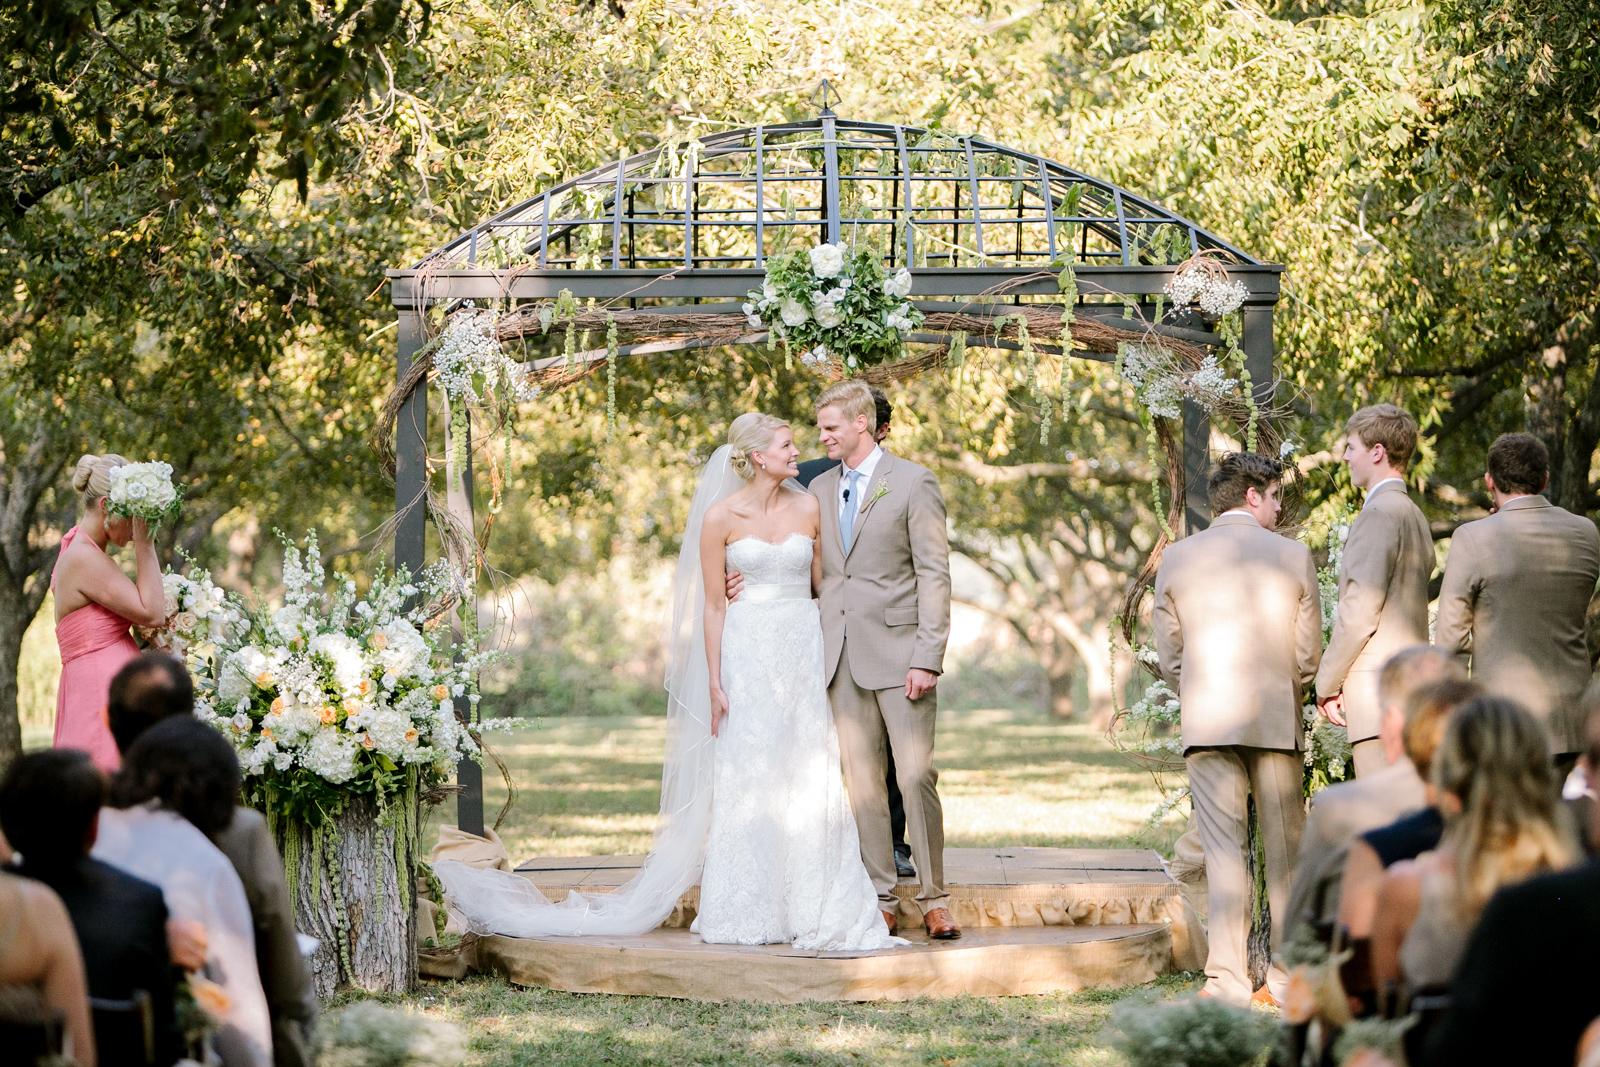 0056_Waco_Ranch_Wedding_Catherine_Nick_Riewoldt.jpg